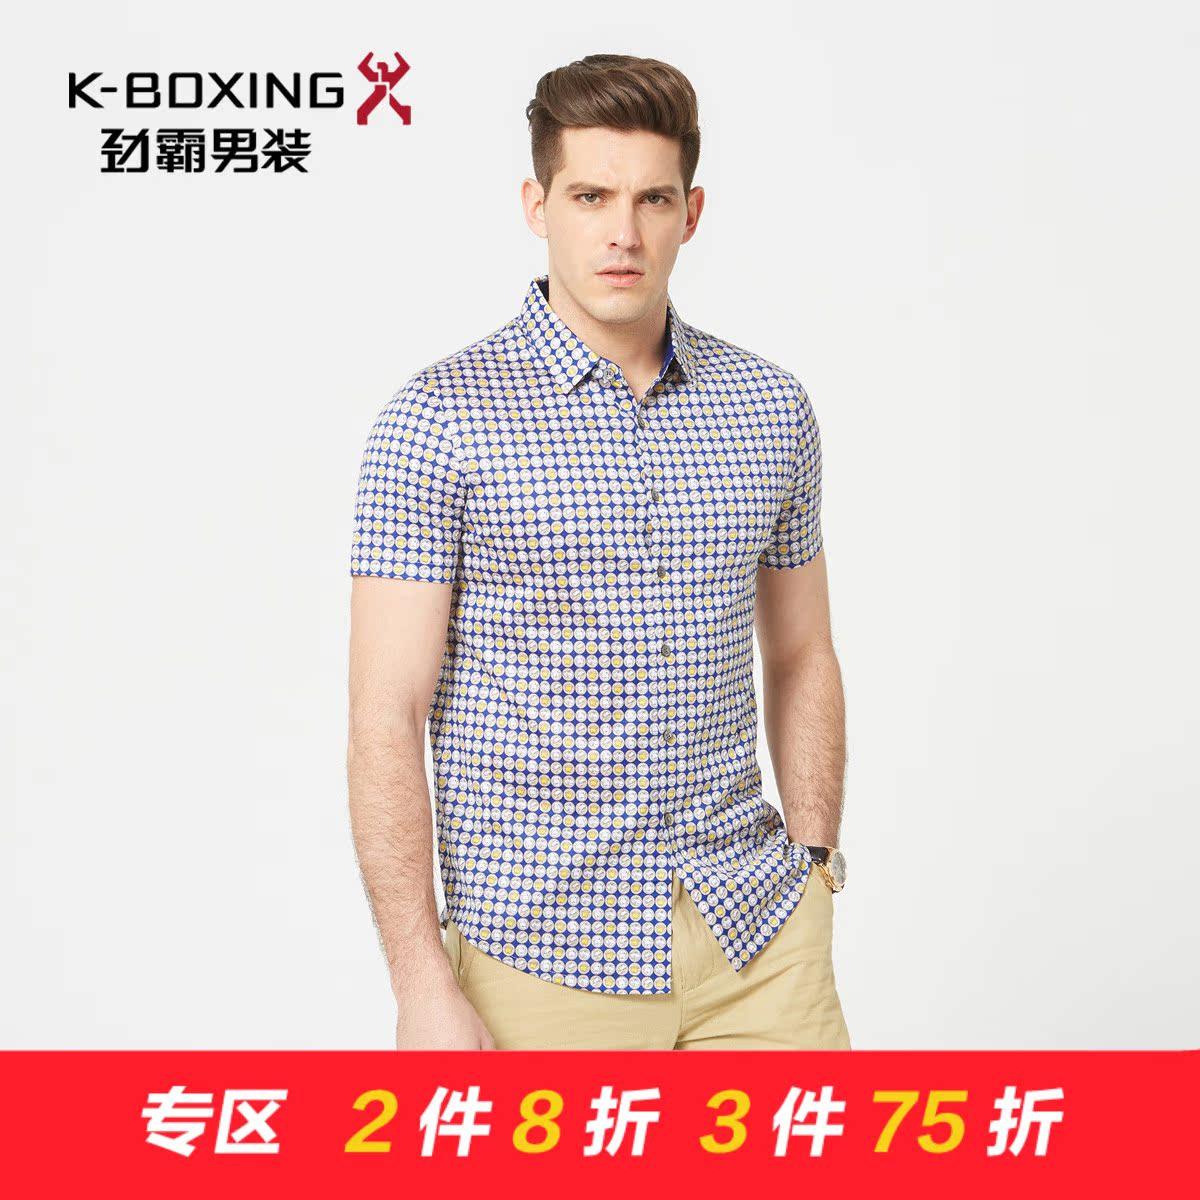 劲霸男装短袖衬衫夏季新款 丝光棉短袖男款衬衫全棉衬衫FDBJ2332